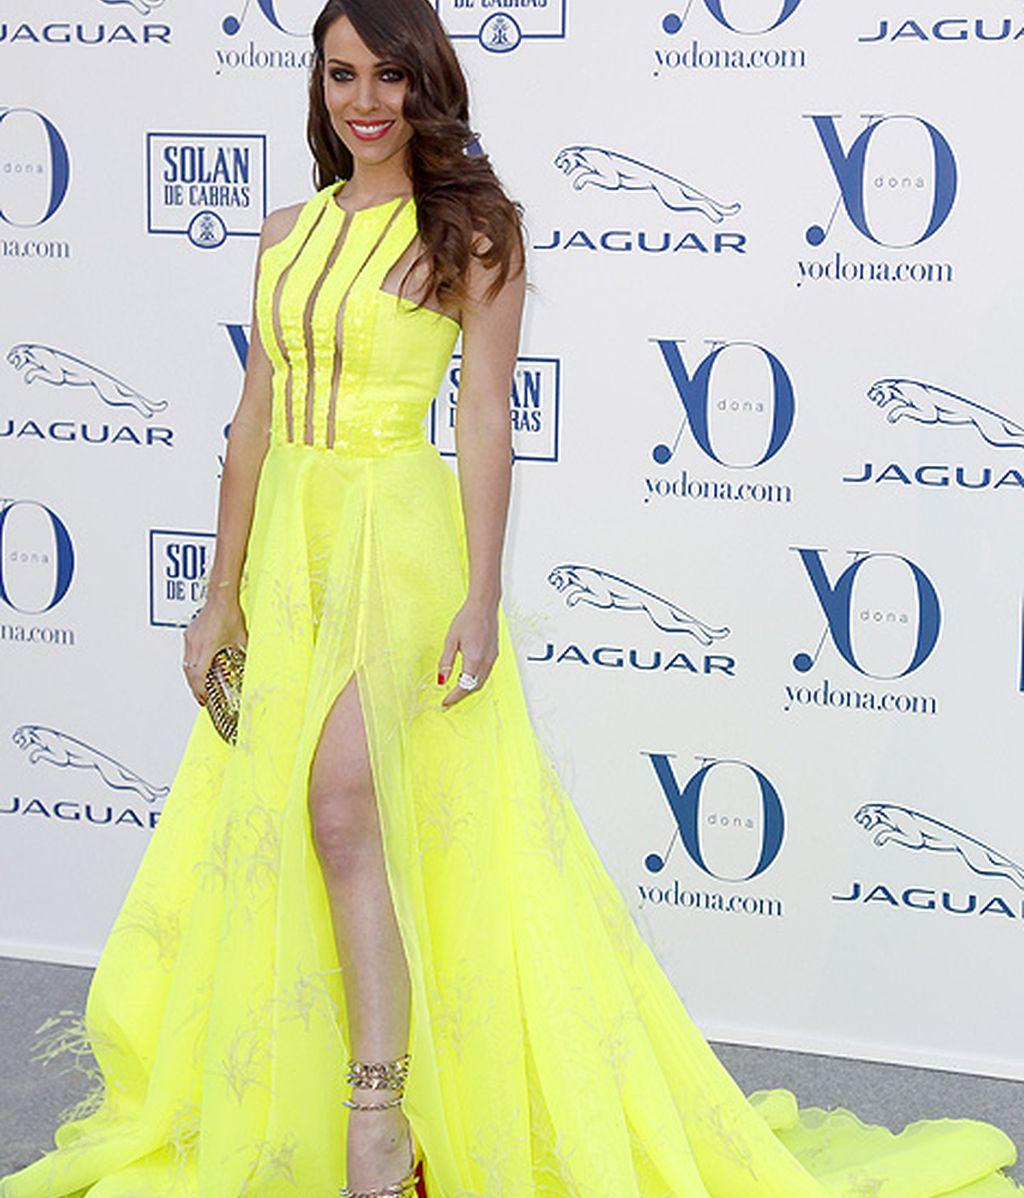 La actriz Nerea Gamendia apostó por el amarillo flúor